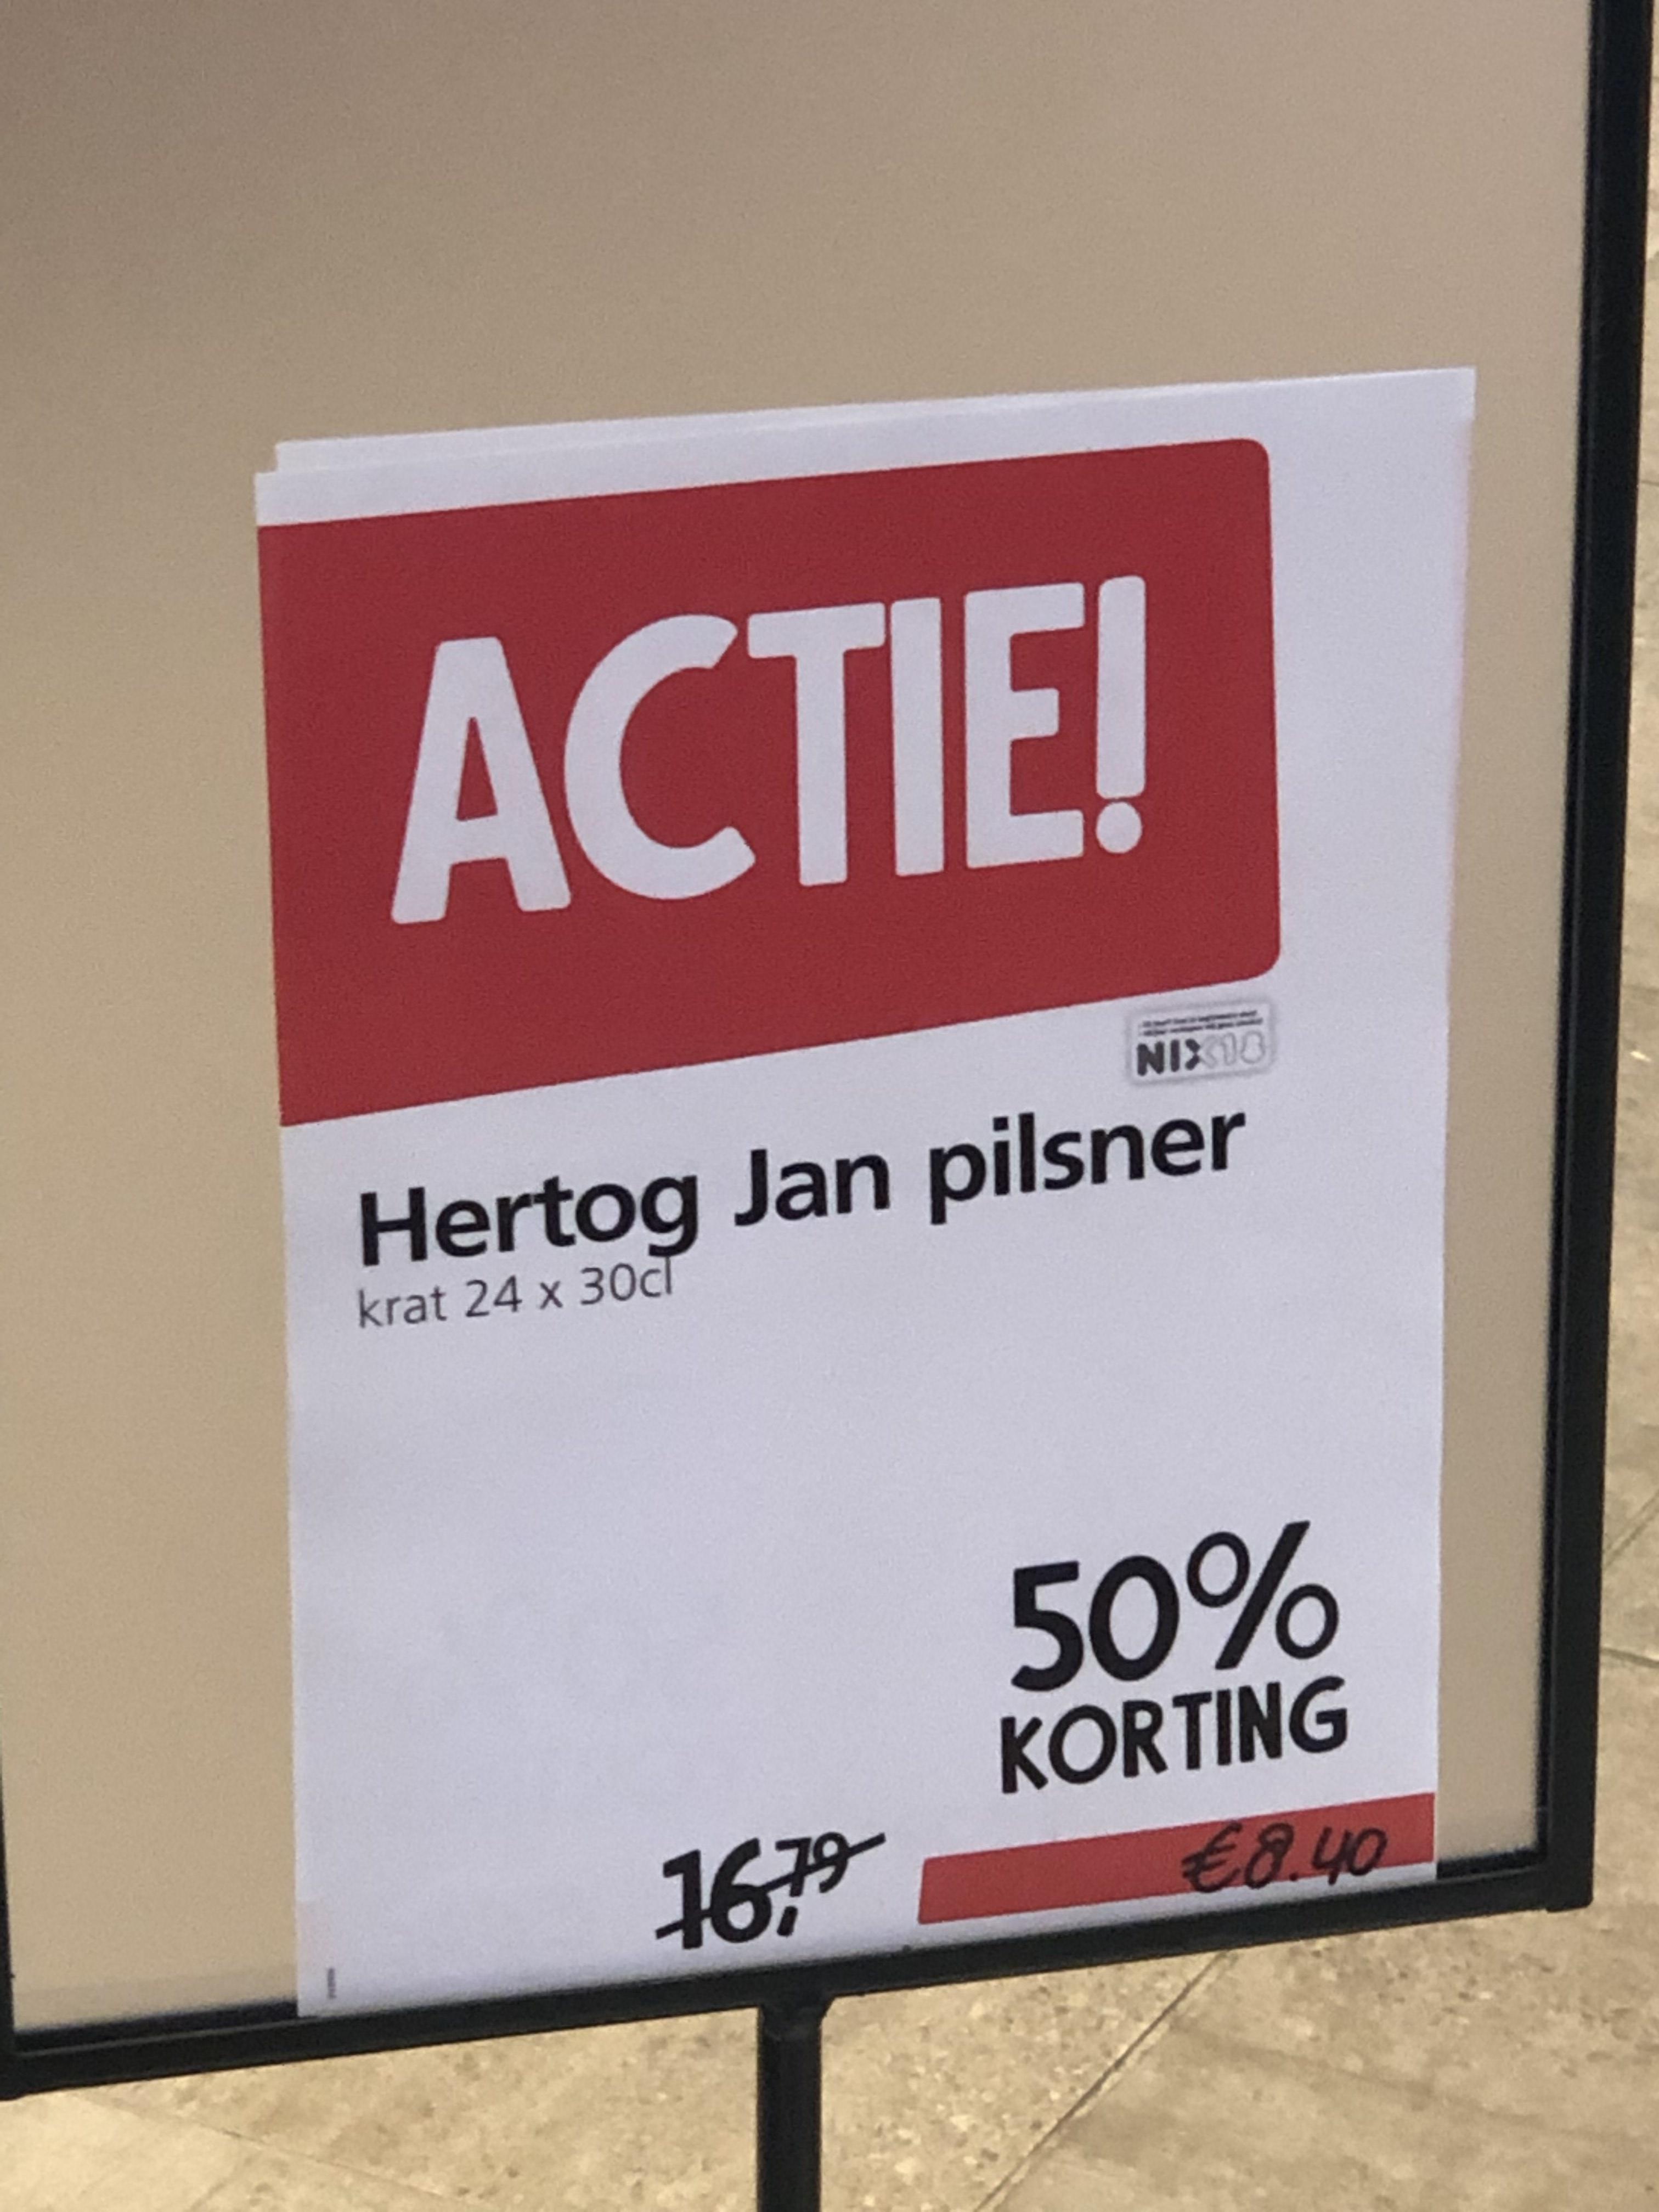 [Venlo] Hertog Jan Pils krat voor €8,40